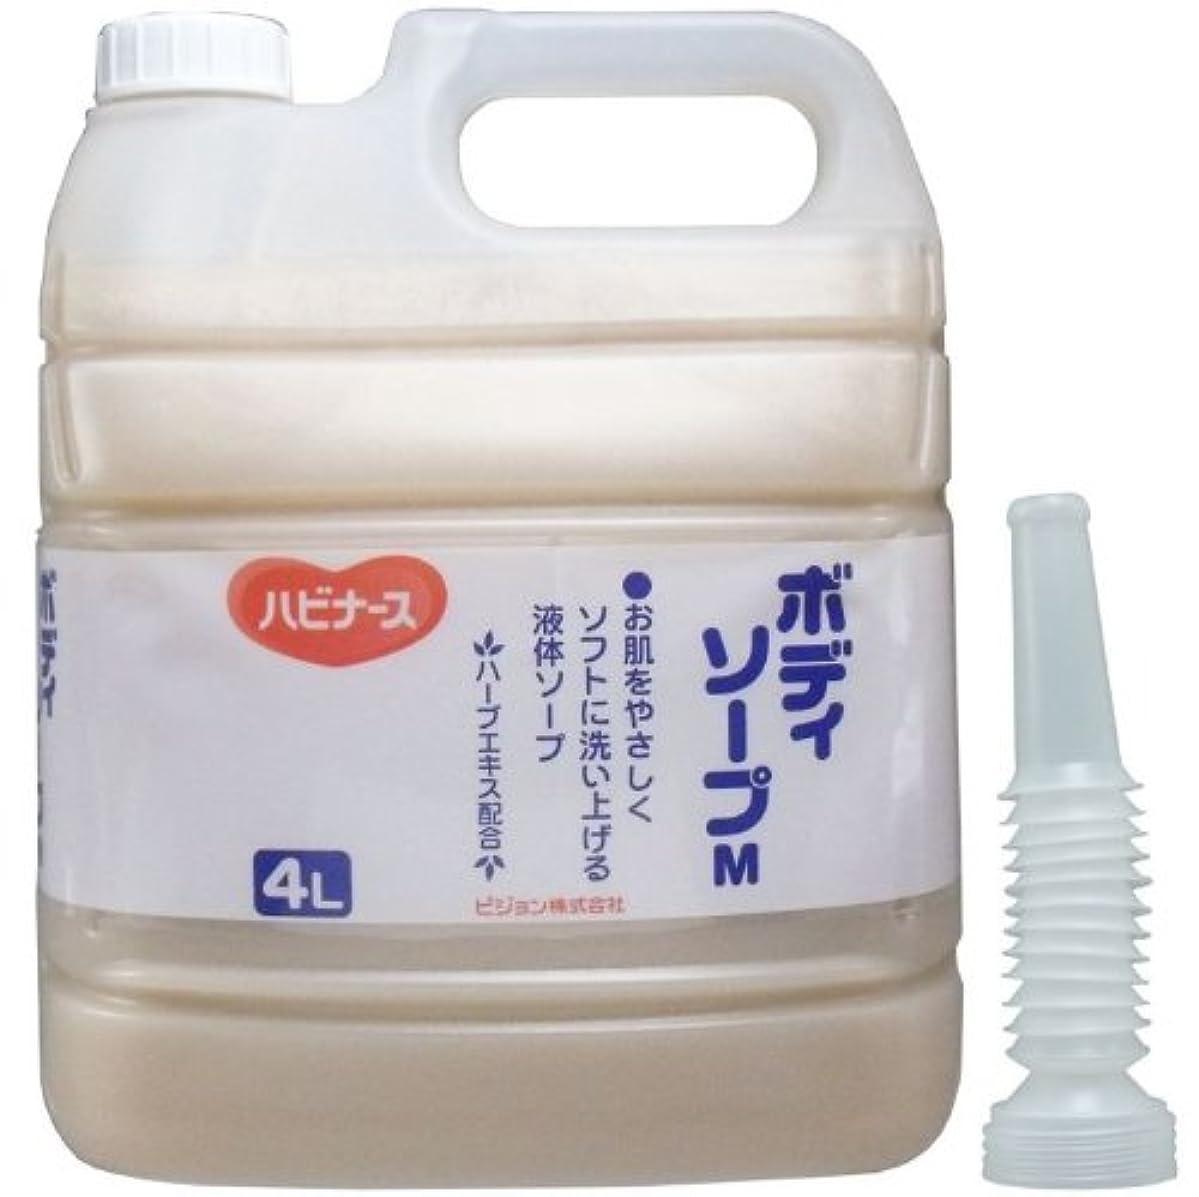 同級生正当化する遊具液体ソープ ボディソープ 風呂 石ケン お肌をやさしくソフトに洗い上げる!業務用 4L